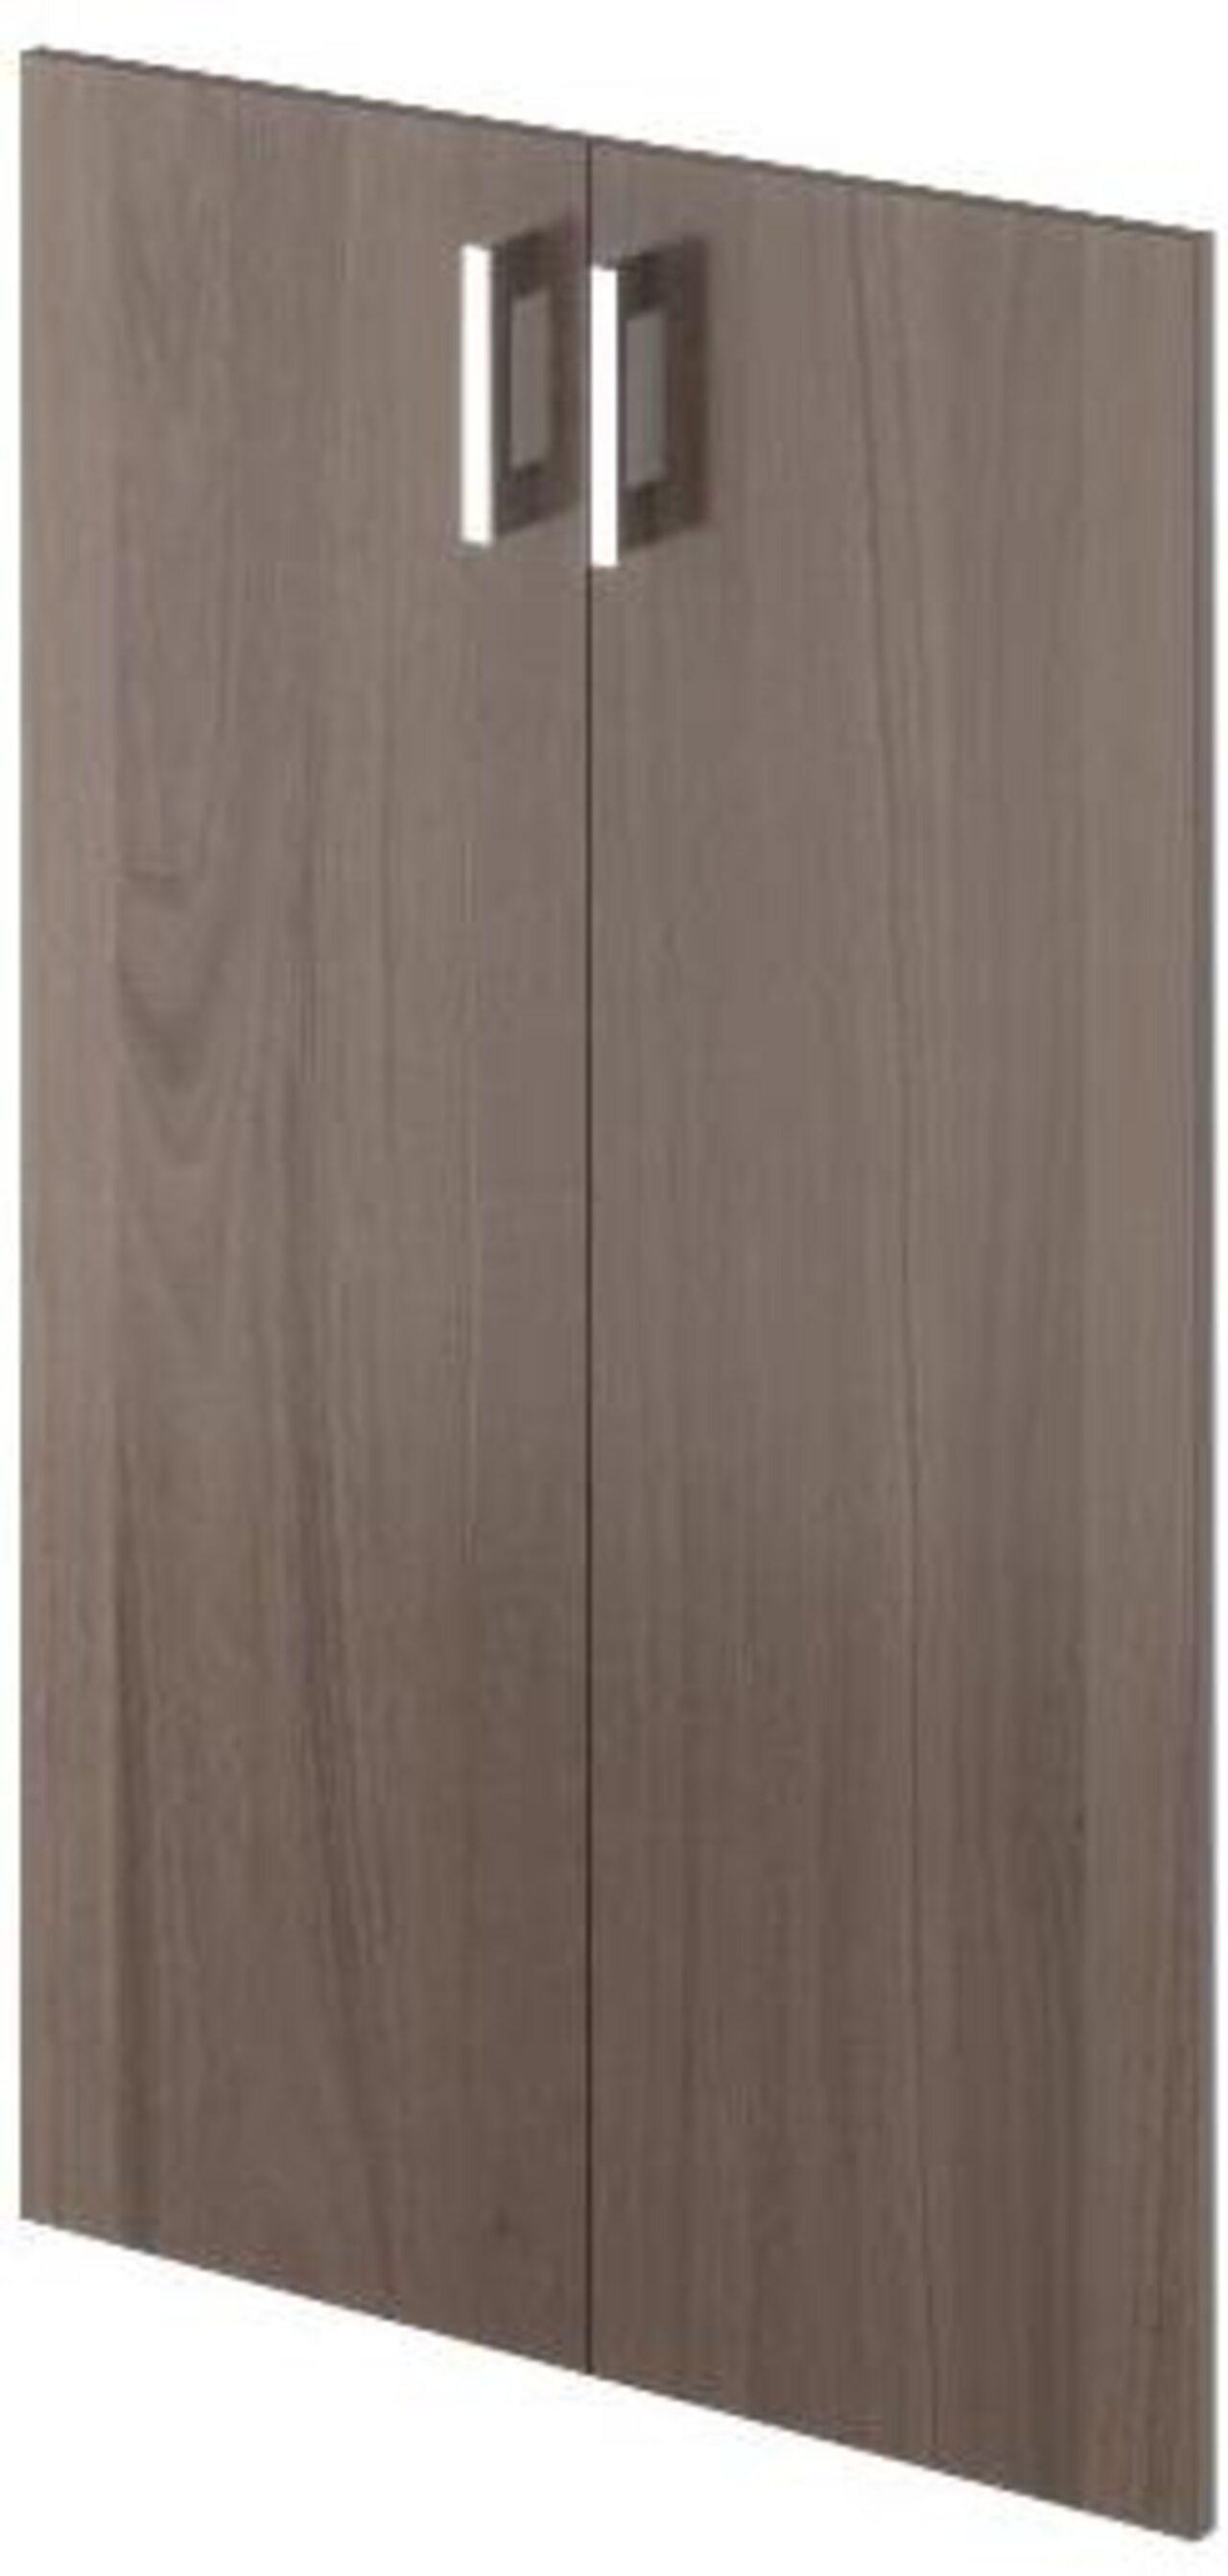 Двери для широких стеллажей  Арго 71x2x112 - фото 8